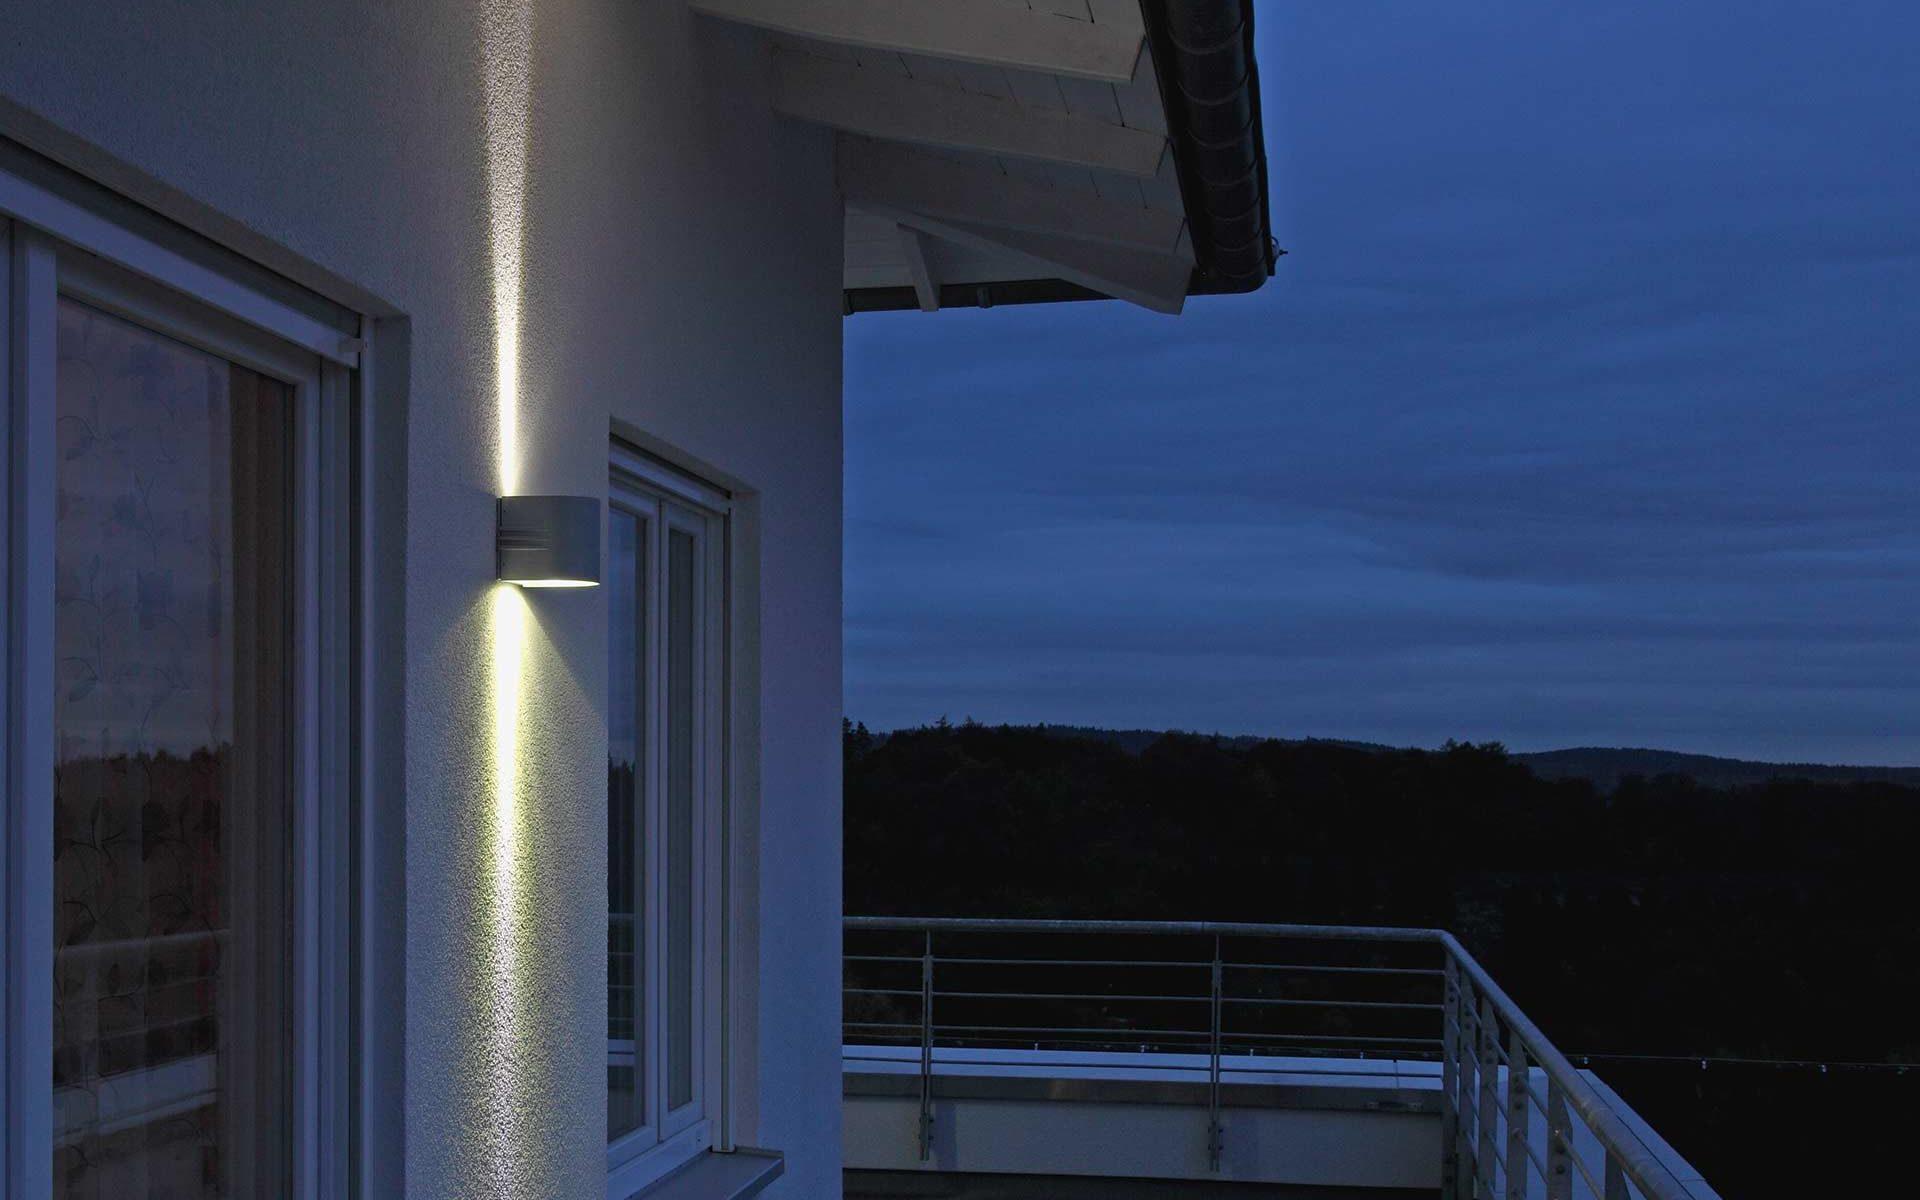 Eine Wandleuchte mit beidseitigem Lichtaustritt setzt einen Balkon stilvoll in Szene.